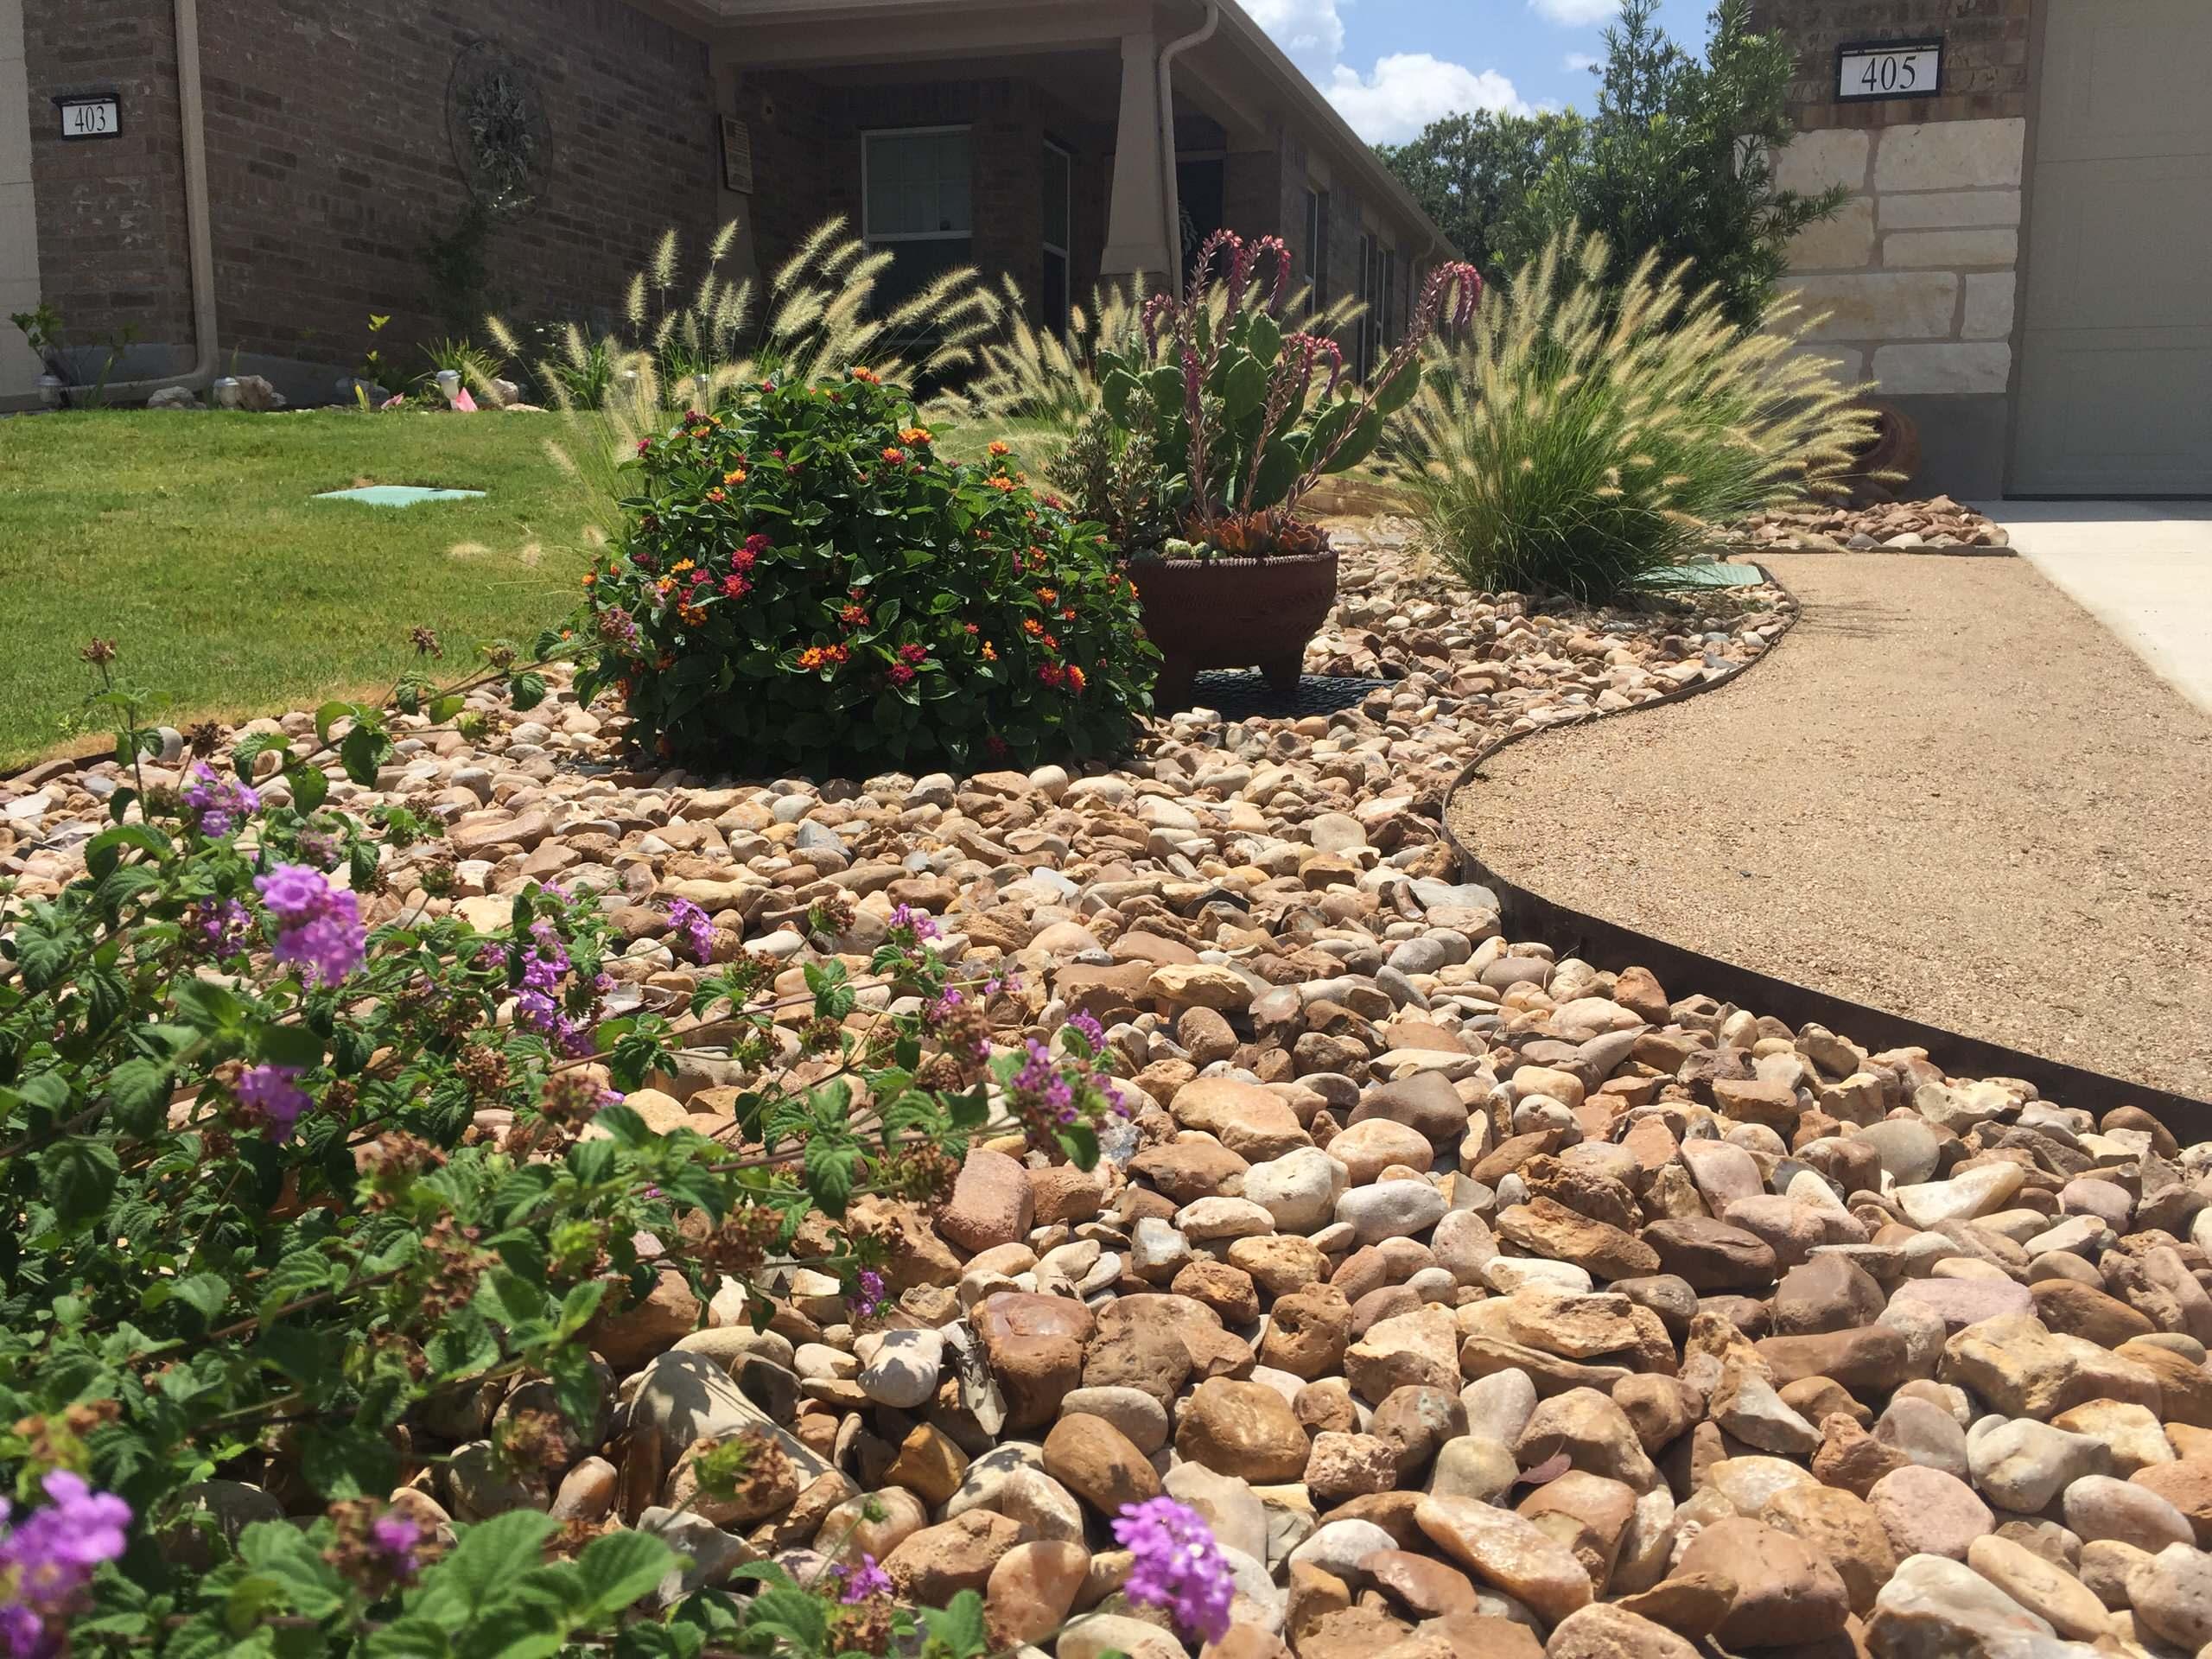 Xeriscape w/ decomposed granite driveway extension